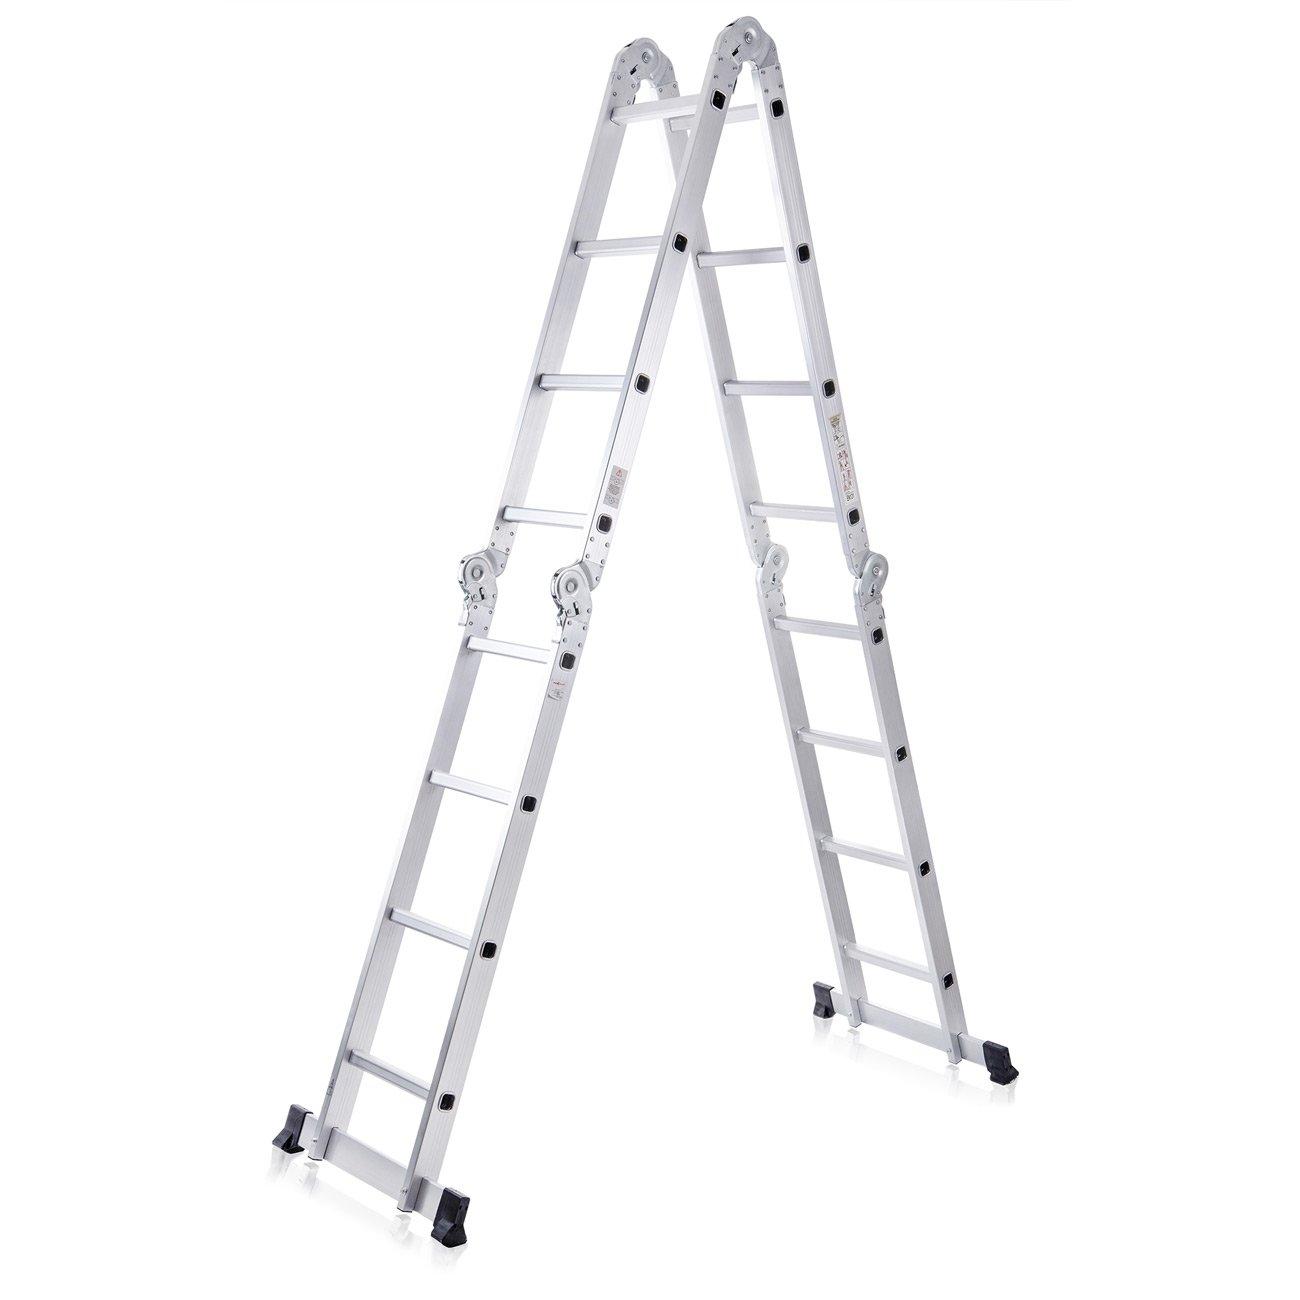 MAXCRAFT 82654489 - Escalera multifunción (multi-propósito) de andamio, ajustable y plegable, 4.75m: Amazon.es: Bricolaje y herramientas